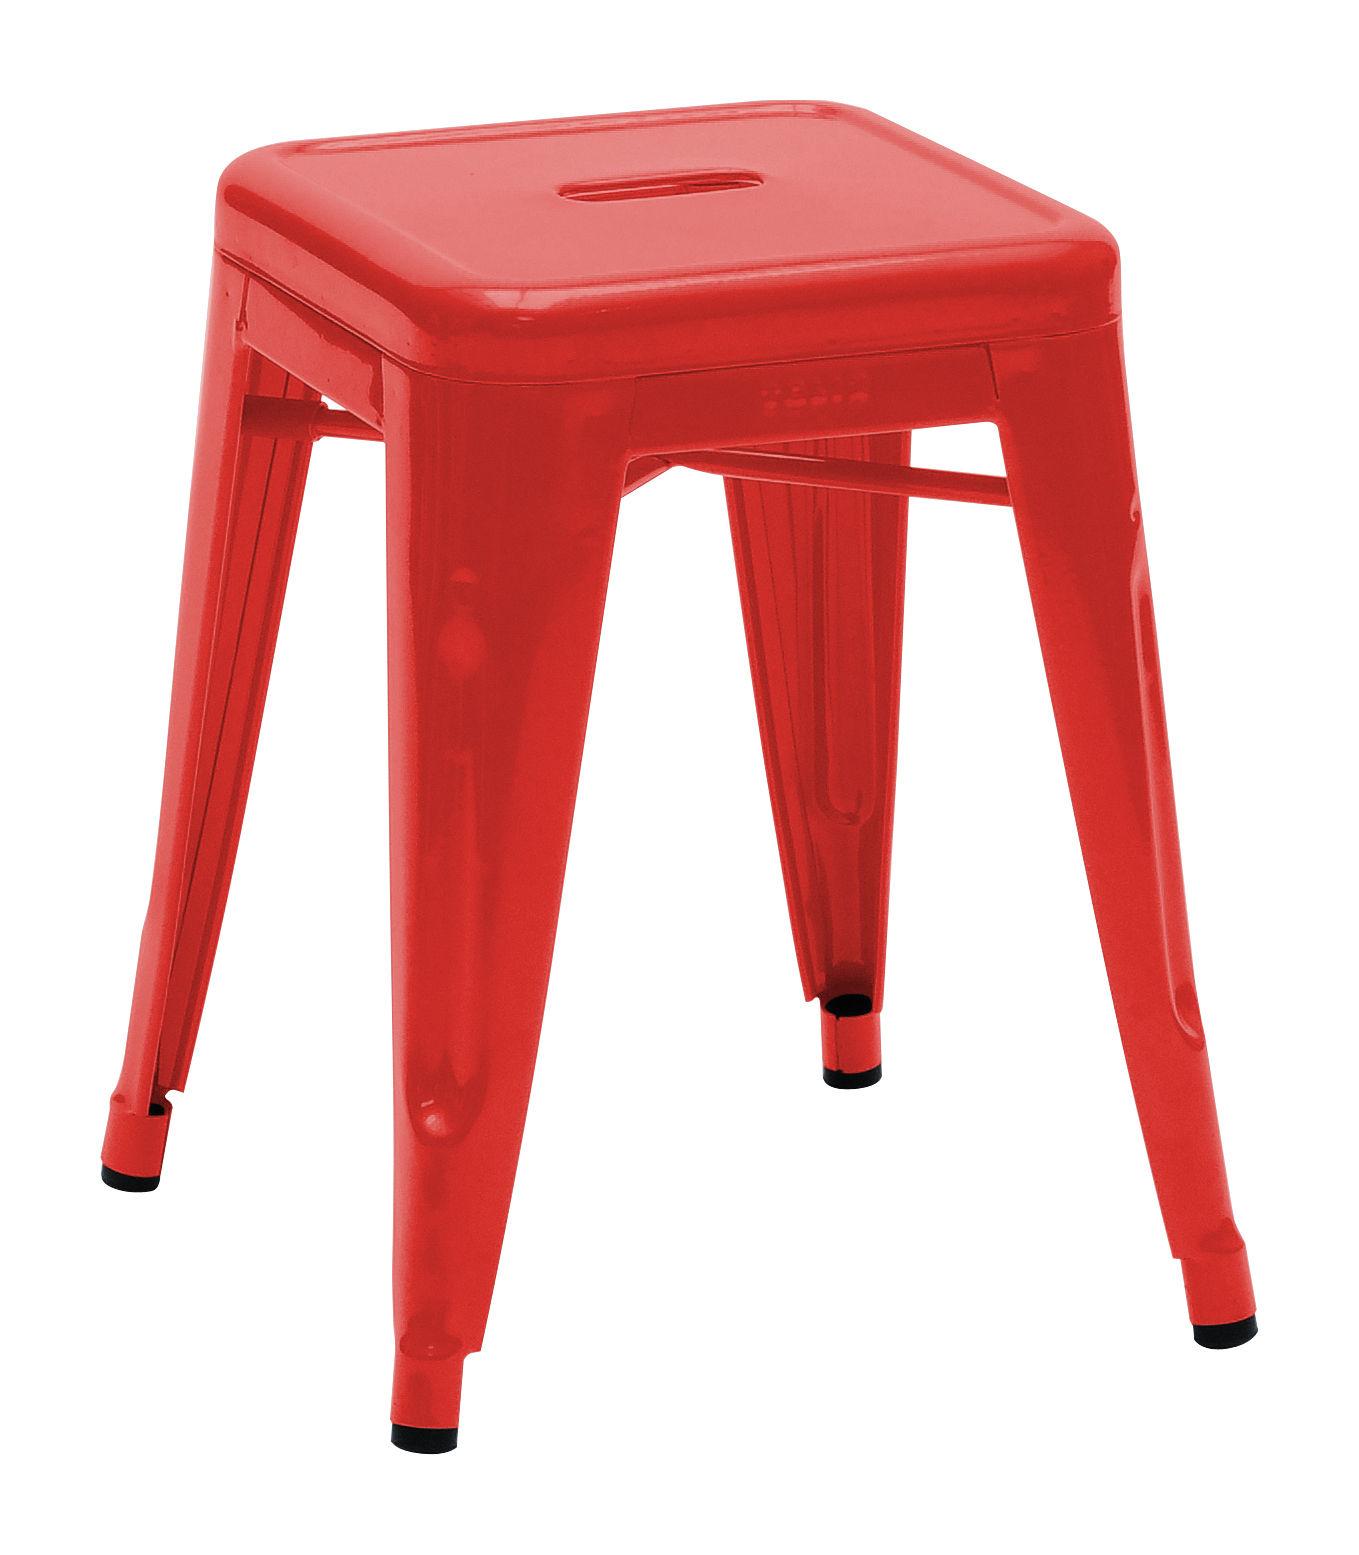 Arredamento - Sgabelli - Sgabello impilabile H - acciaio laccato - H 45 cm di Tolix - Rosso - Acier recyclé laqué